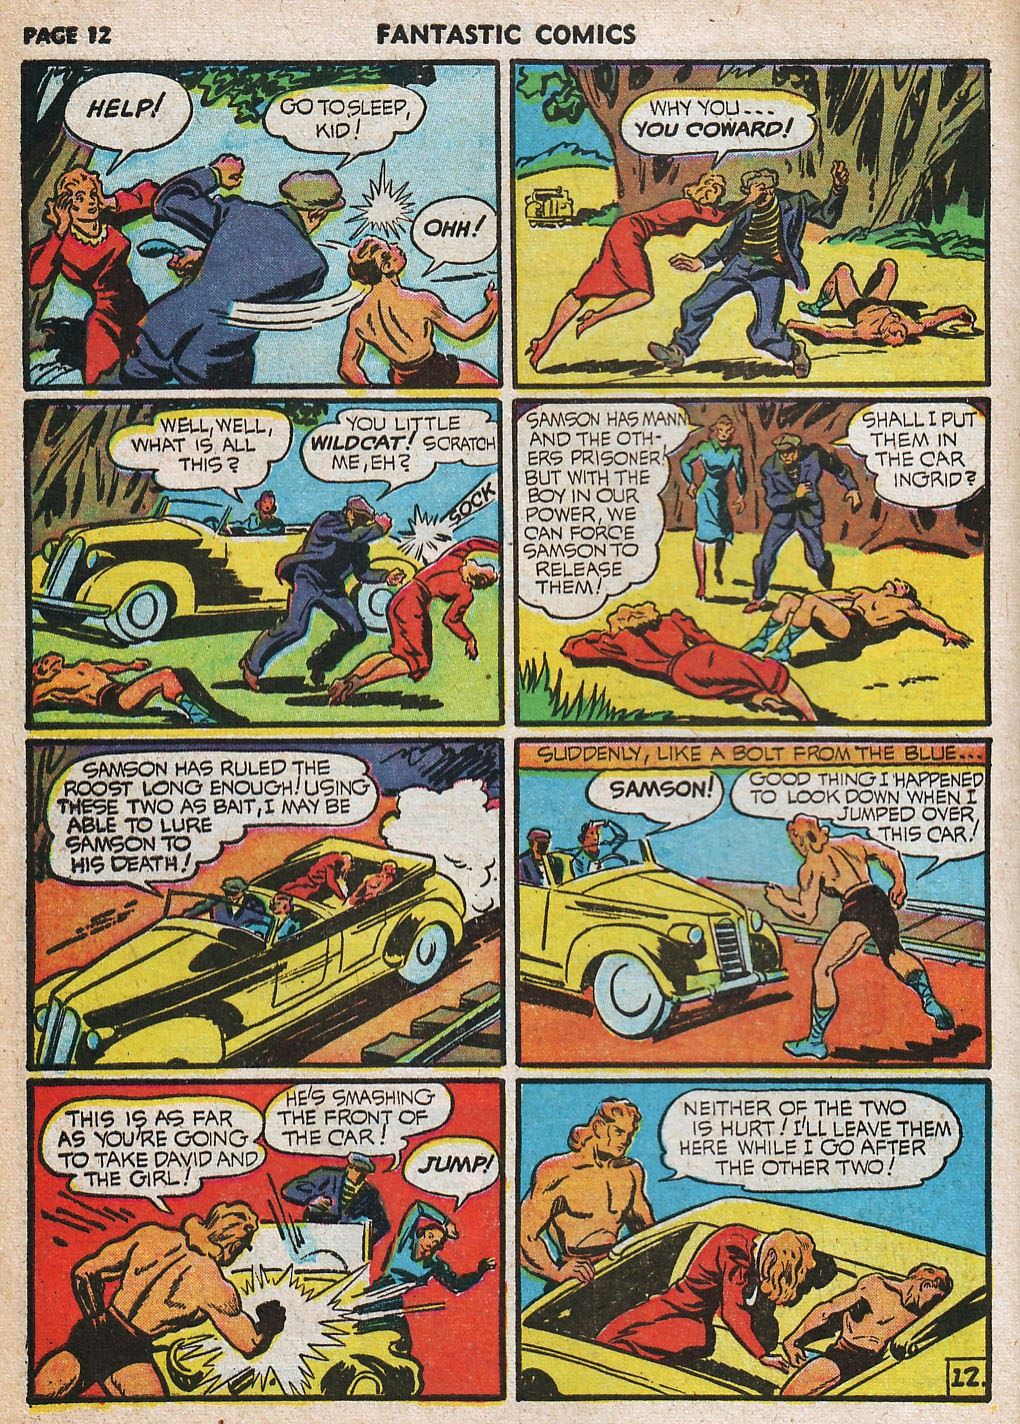 Read online Fantastic Comics comic -  Issue #20 - 13